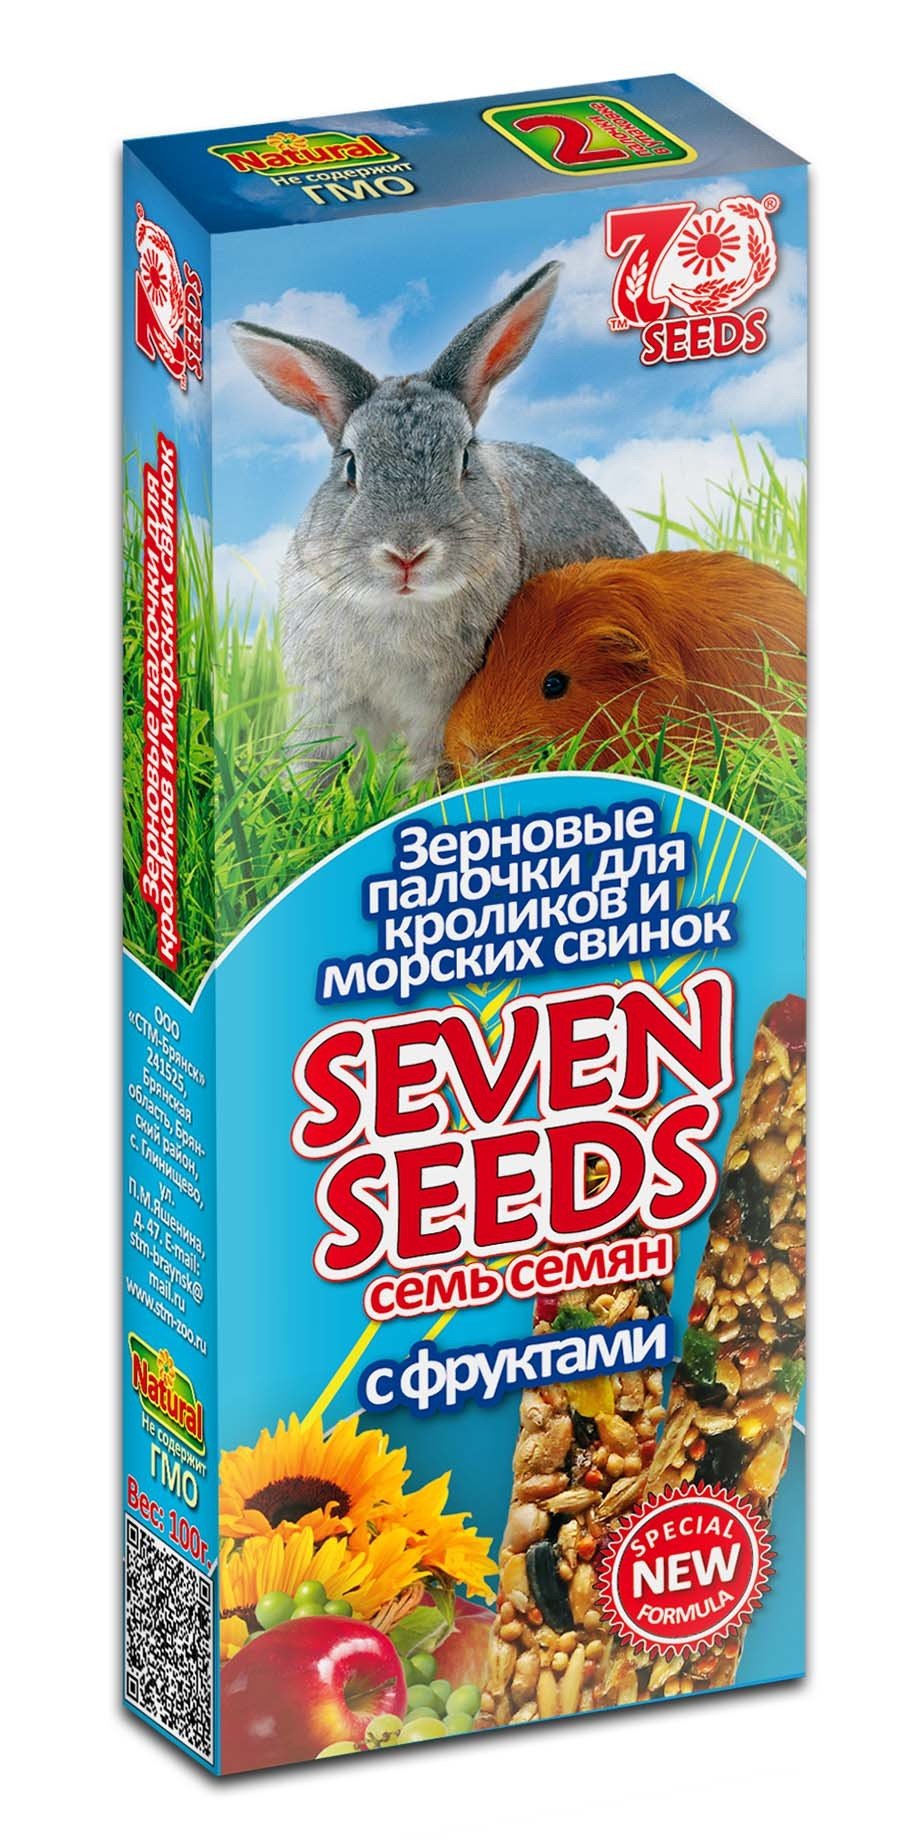 Лакомства Палочки для кроликов и морских свинок с фруктами Seven Seeds Special 17.jpg